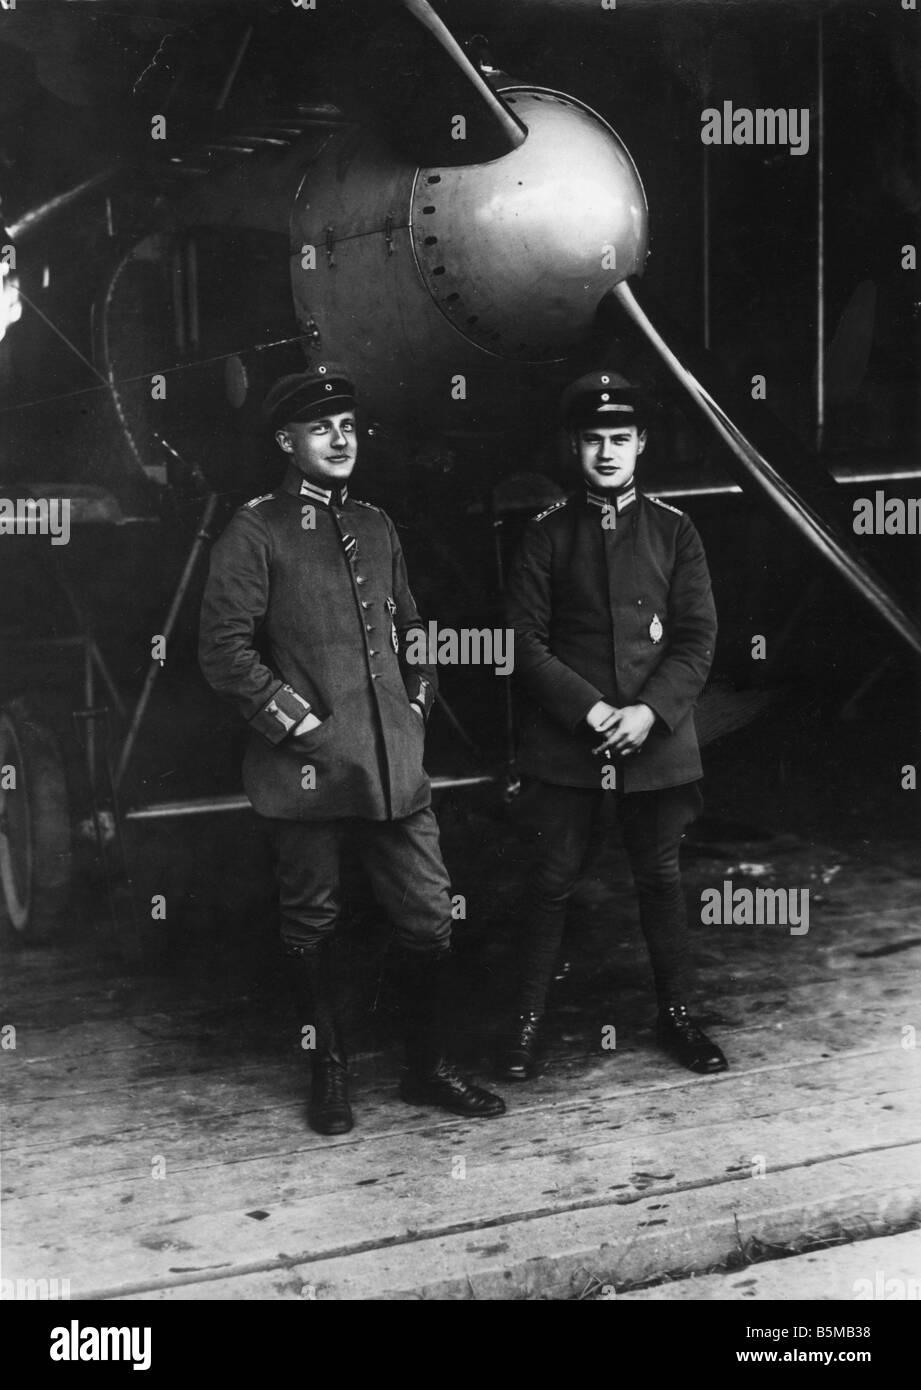 2 M75 L1 1918 2 avion de chasse allemand mendier de l'équipage militaire 1918 Luftwaffe allemande Première Guerre Mondiale 1914 18 avion de chasse allemand je l'équipage Banque D'Images